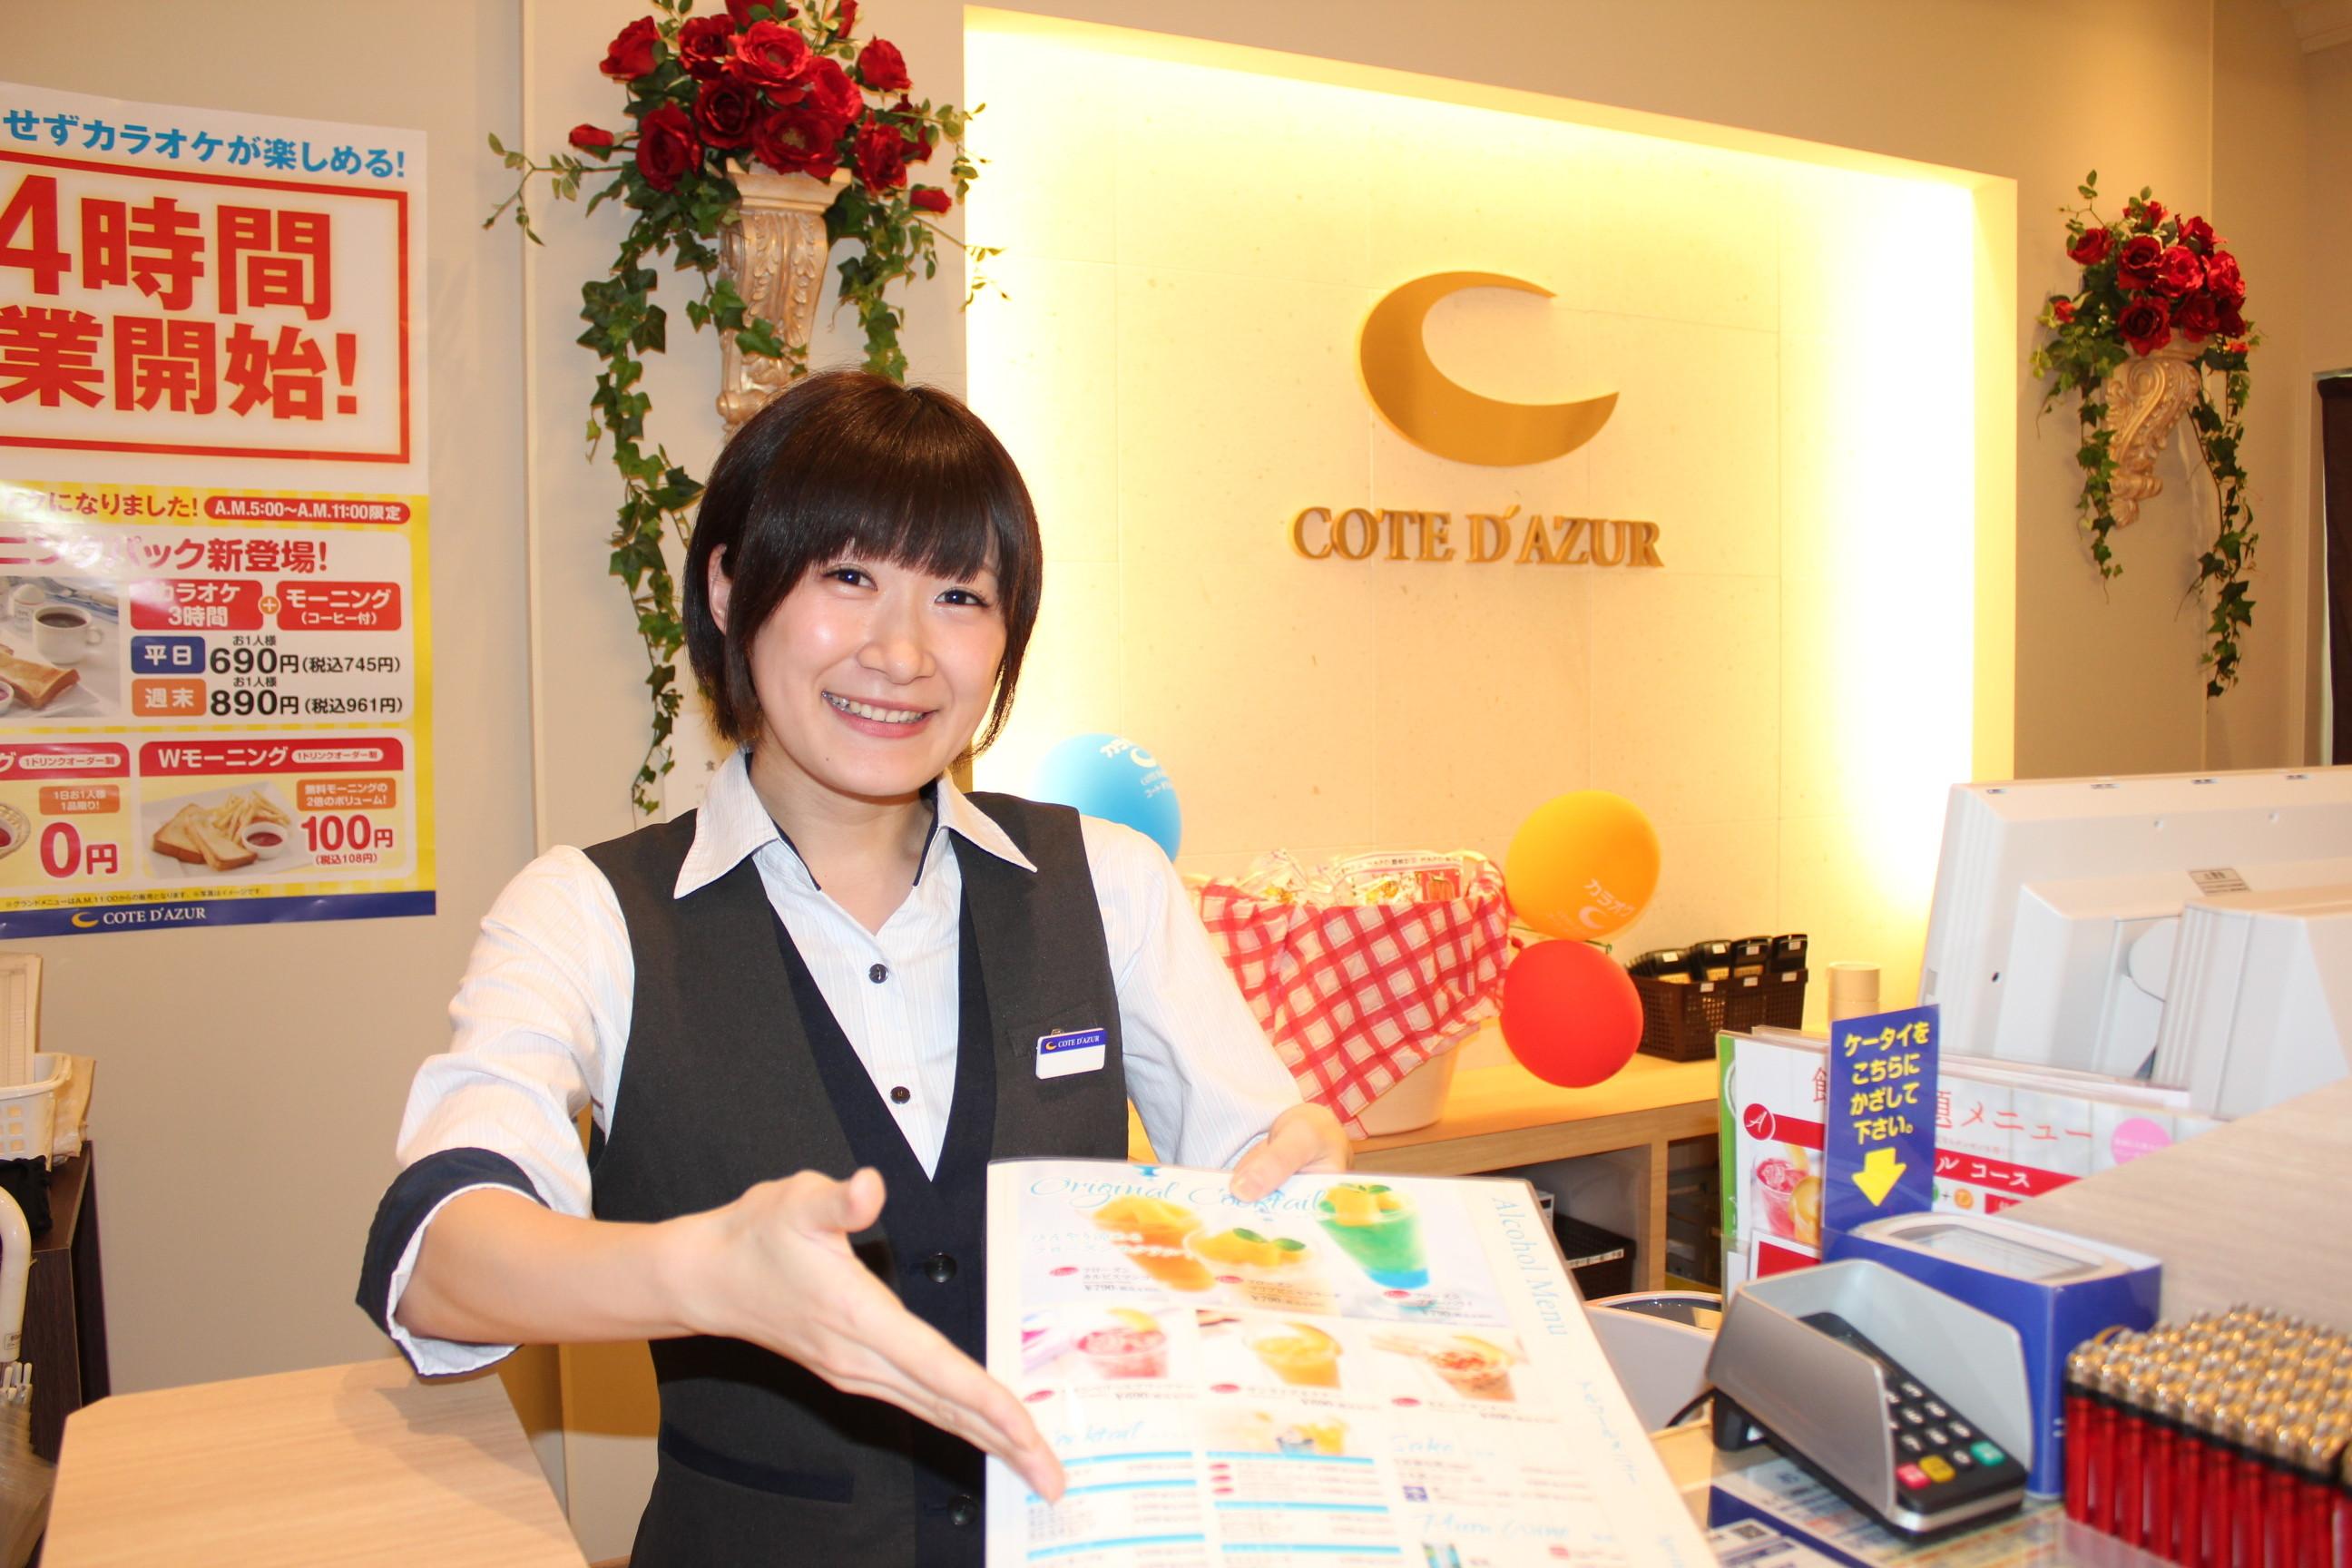 コート・ダジュール 新潟駅前店 のアルバイト情報